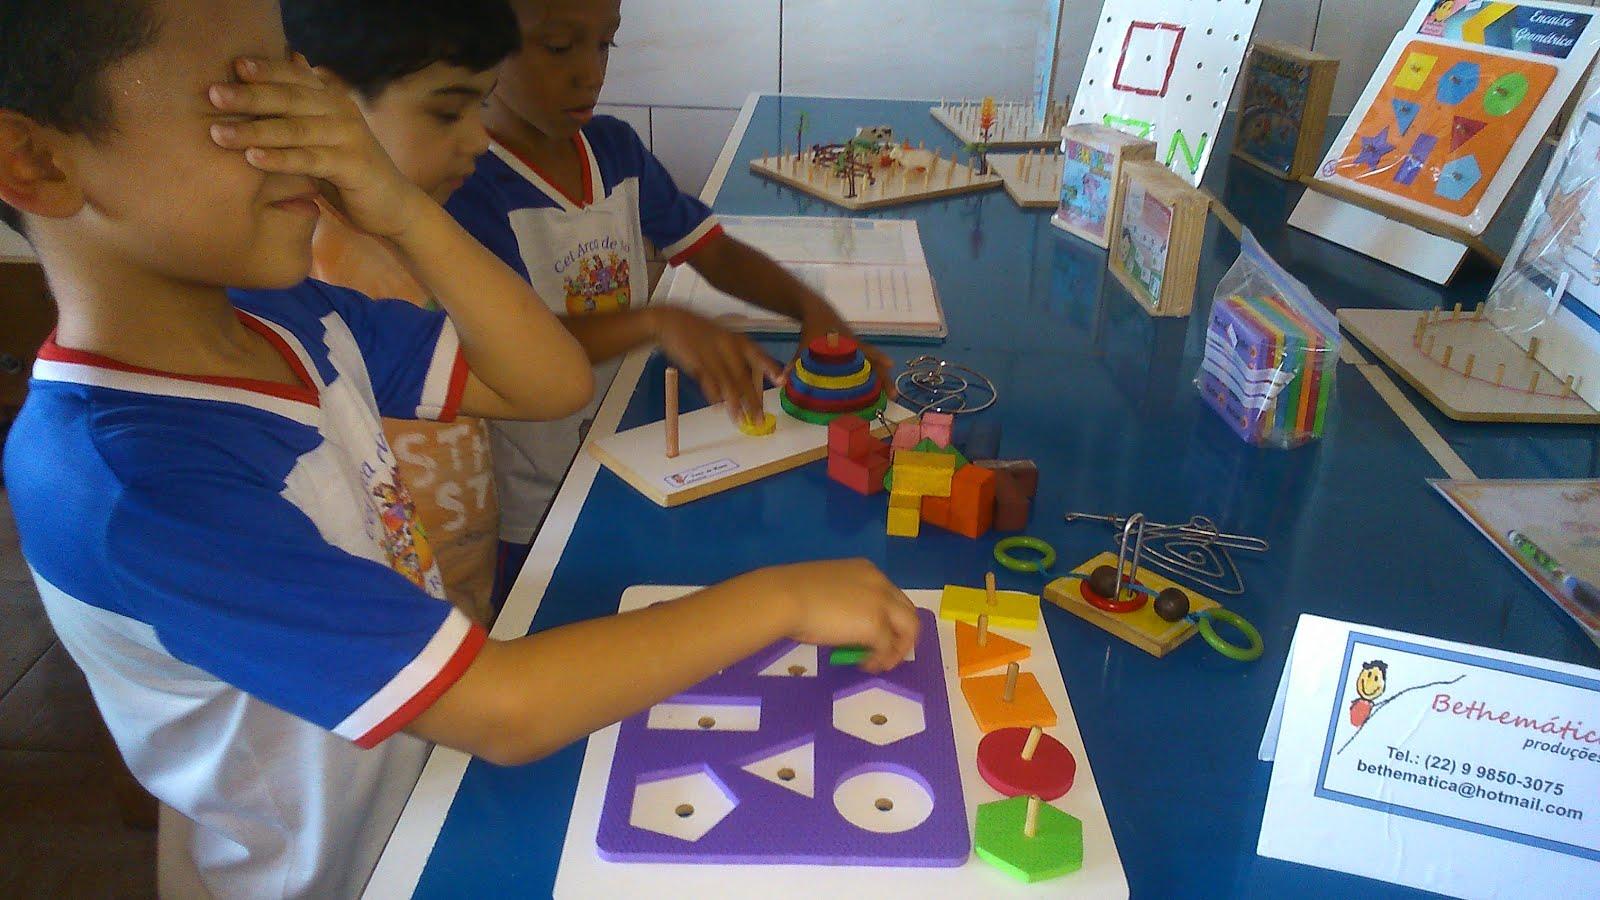 Bethemática, o blog da matemática